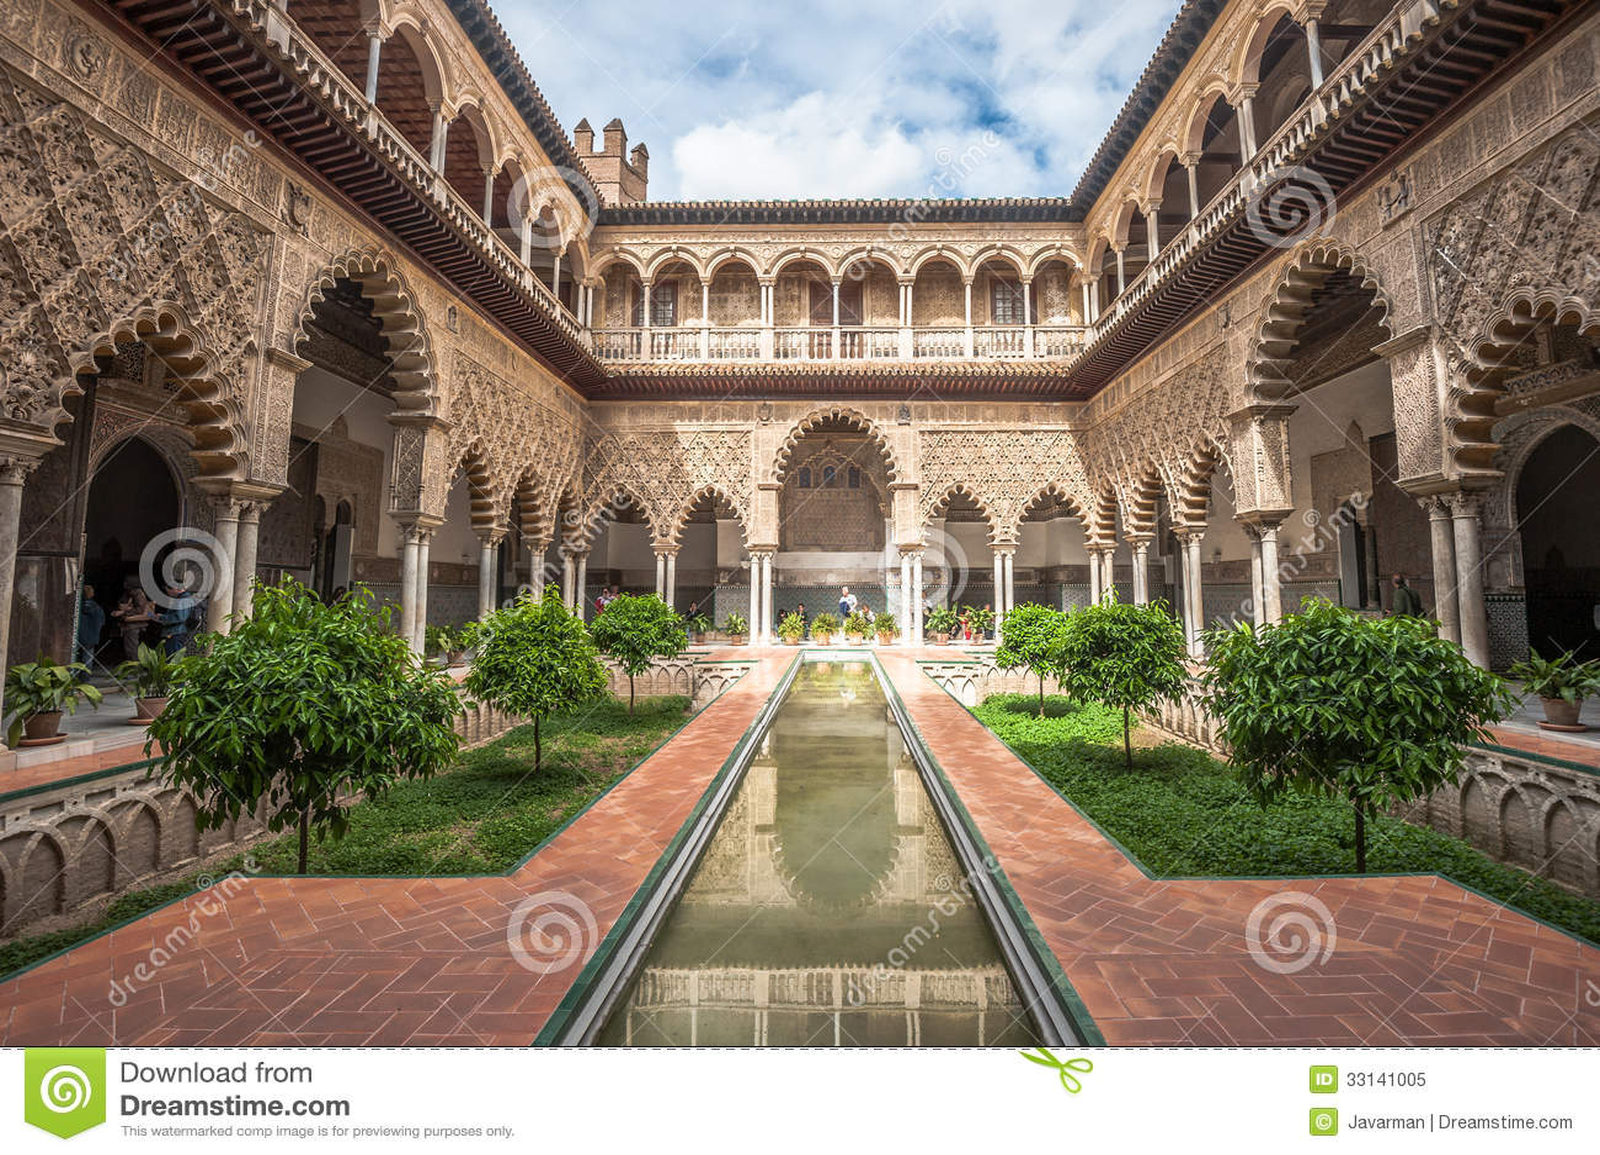 Patio en Alcazars reales de Sevilla, España